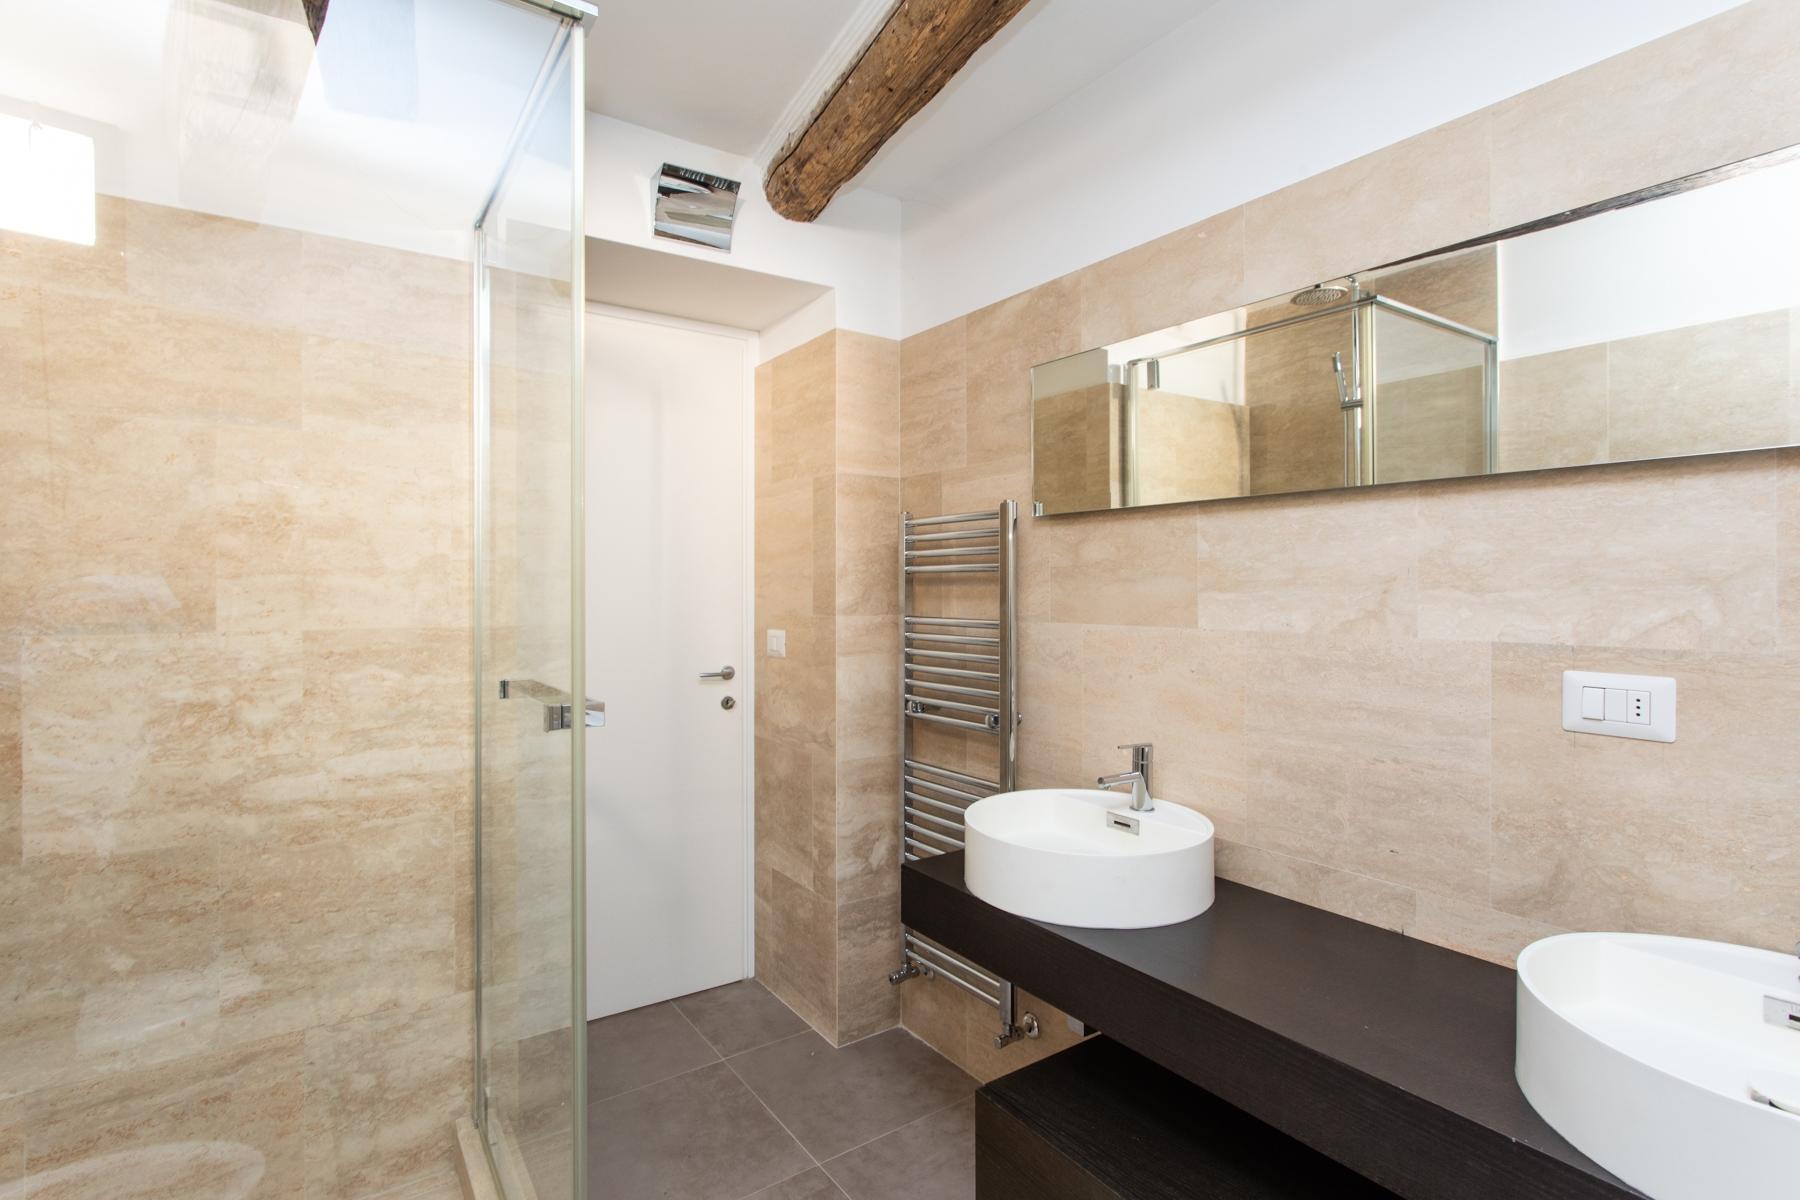 Appartamento in Vendita a Trevignano Romano: 4 locali, 85 mq - Foto 14